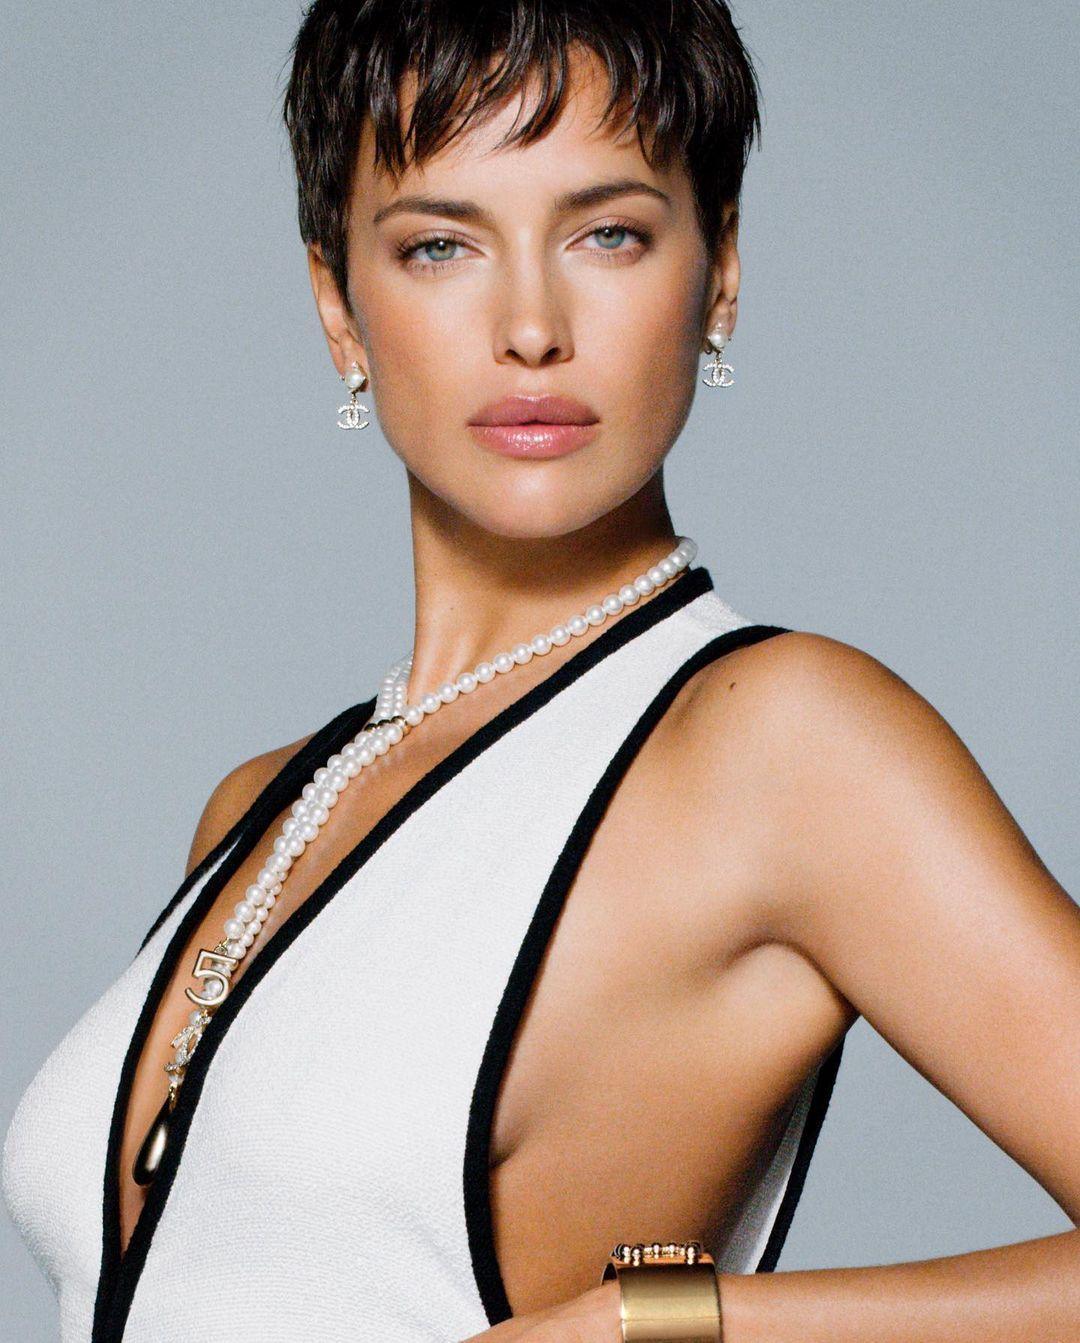 В нарядах Chanel и с короткой стрижкой: Ирина Шейк снялась в новой фотосессии для Vogue